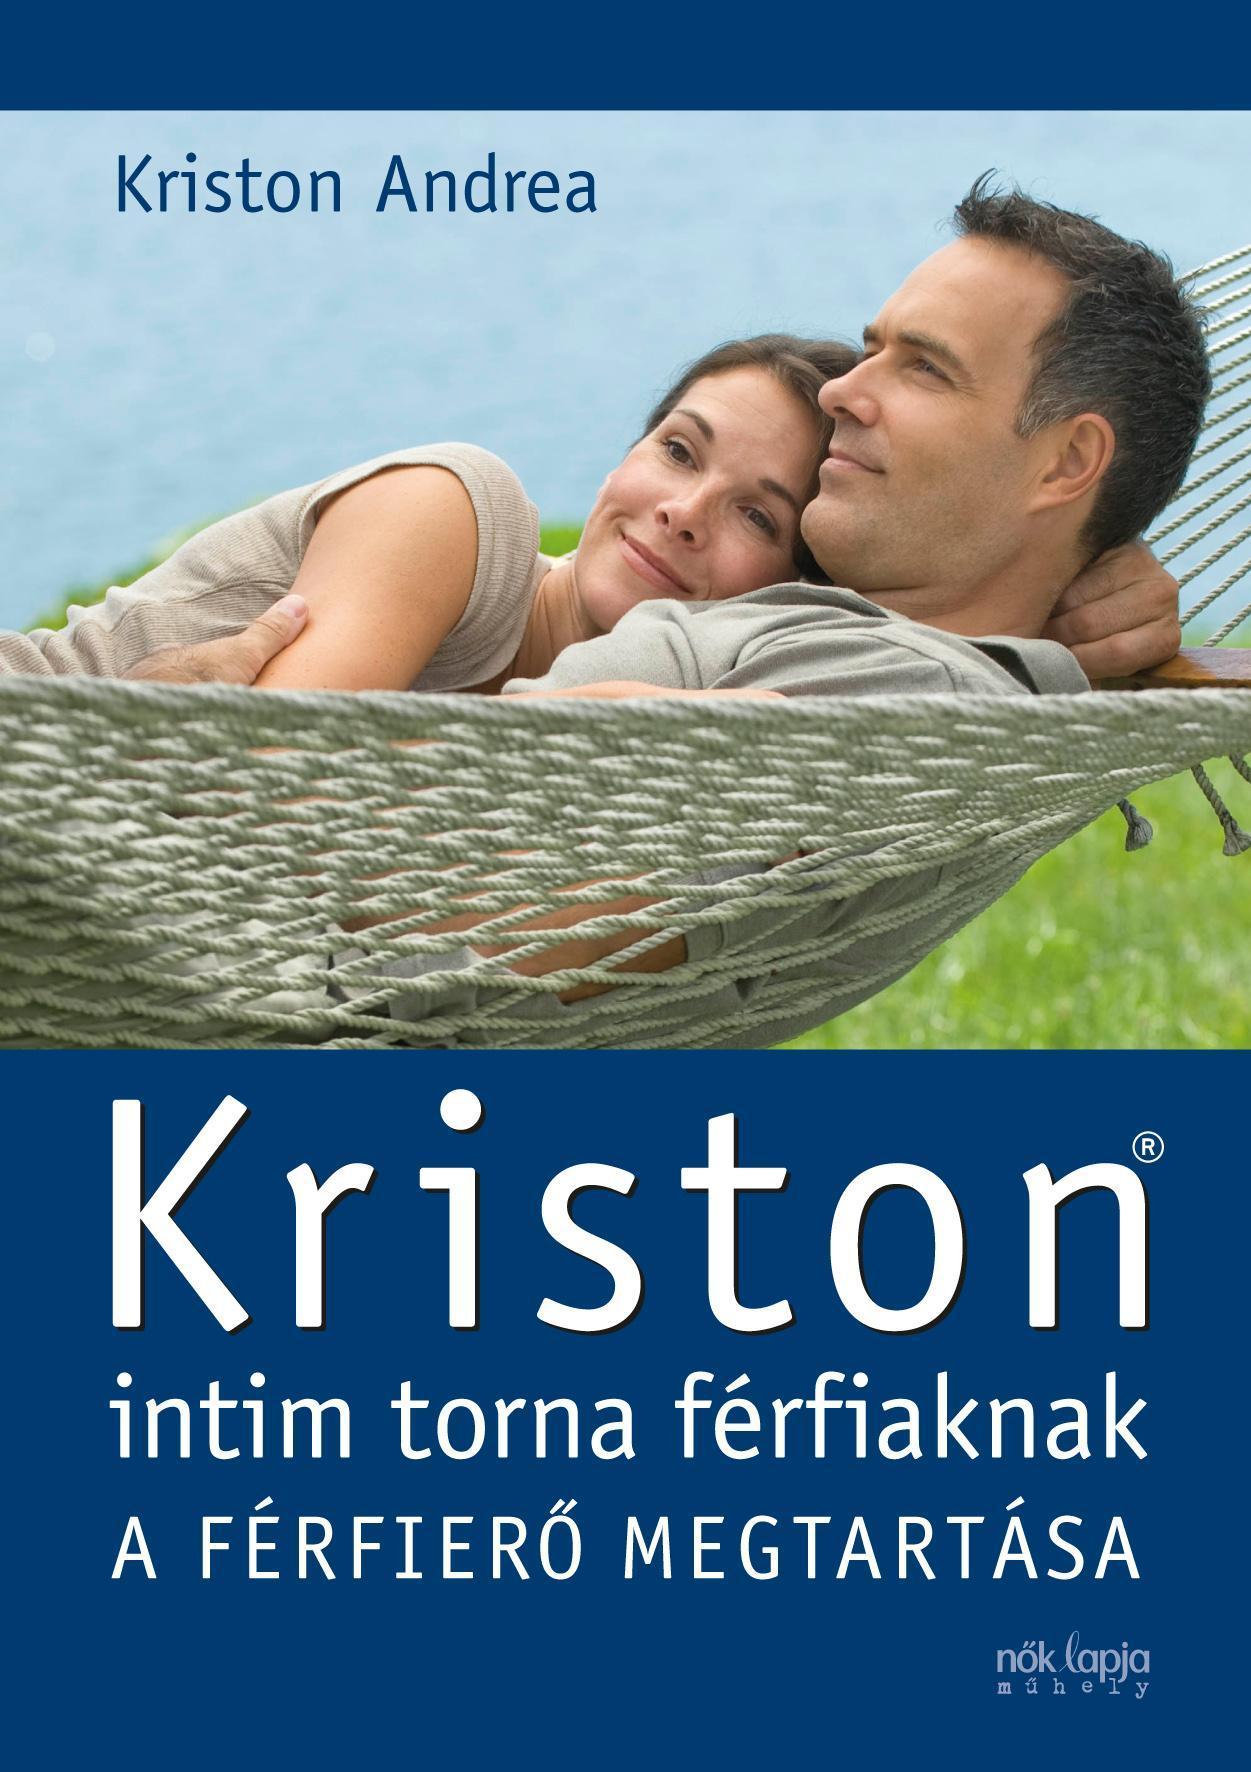 Merevedési zavar - Kriston-módszer